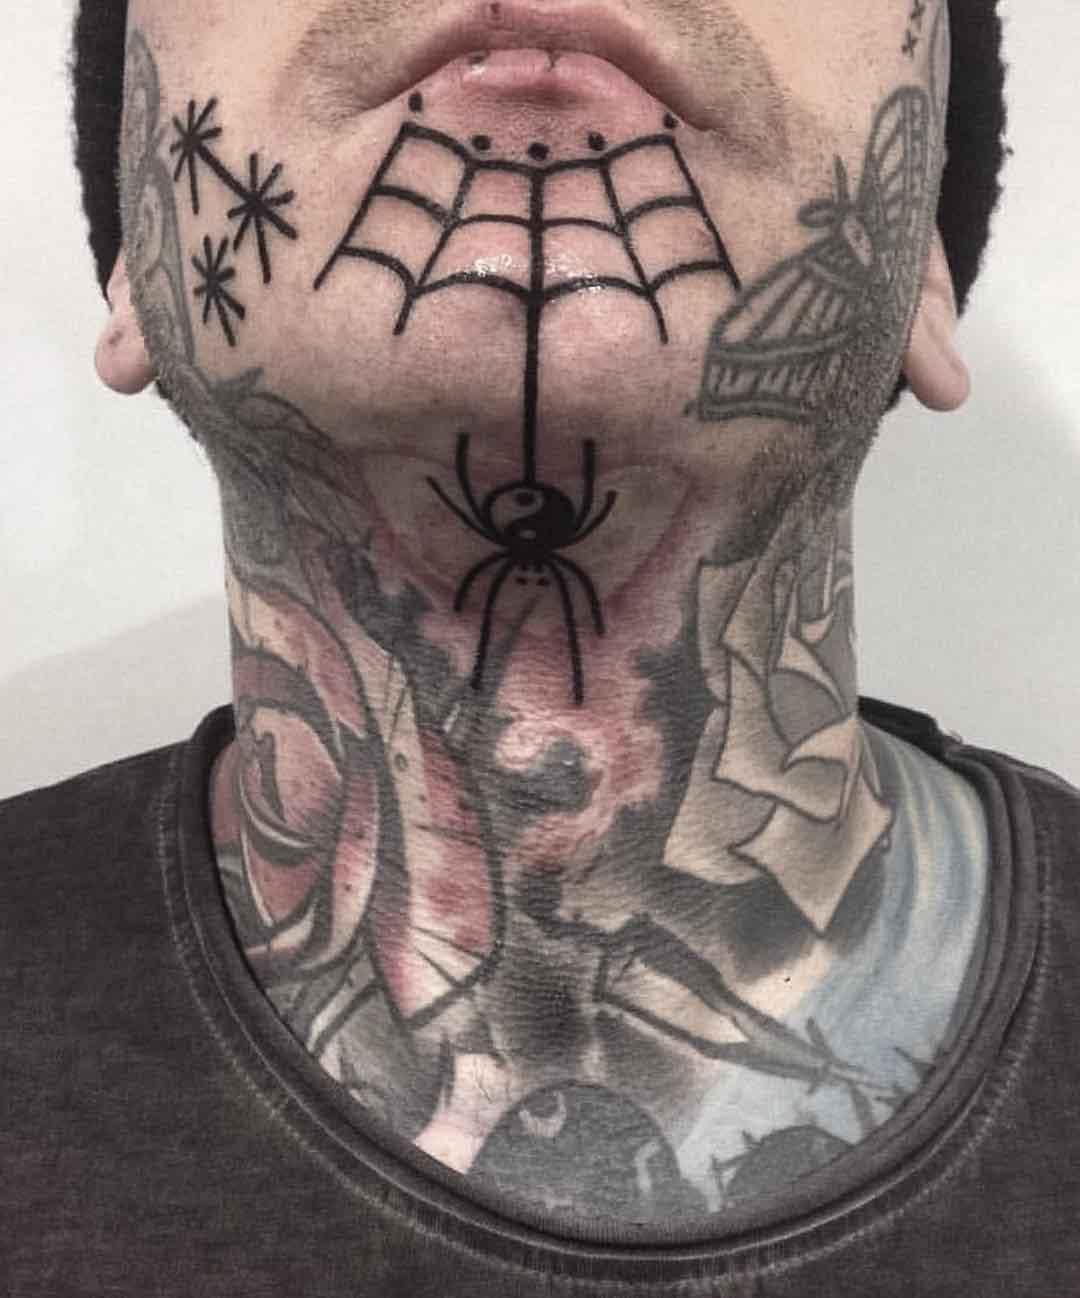 chin tattoo spider web